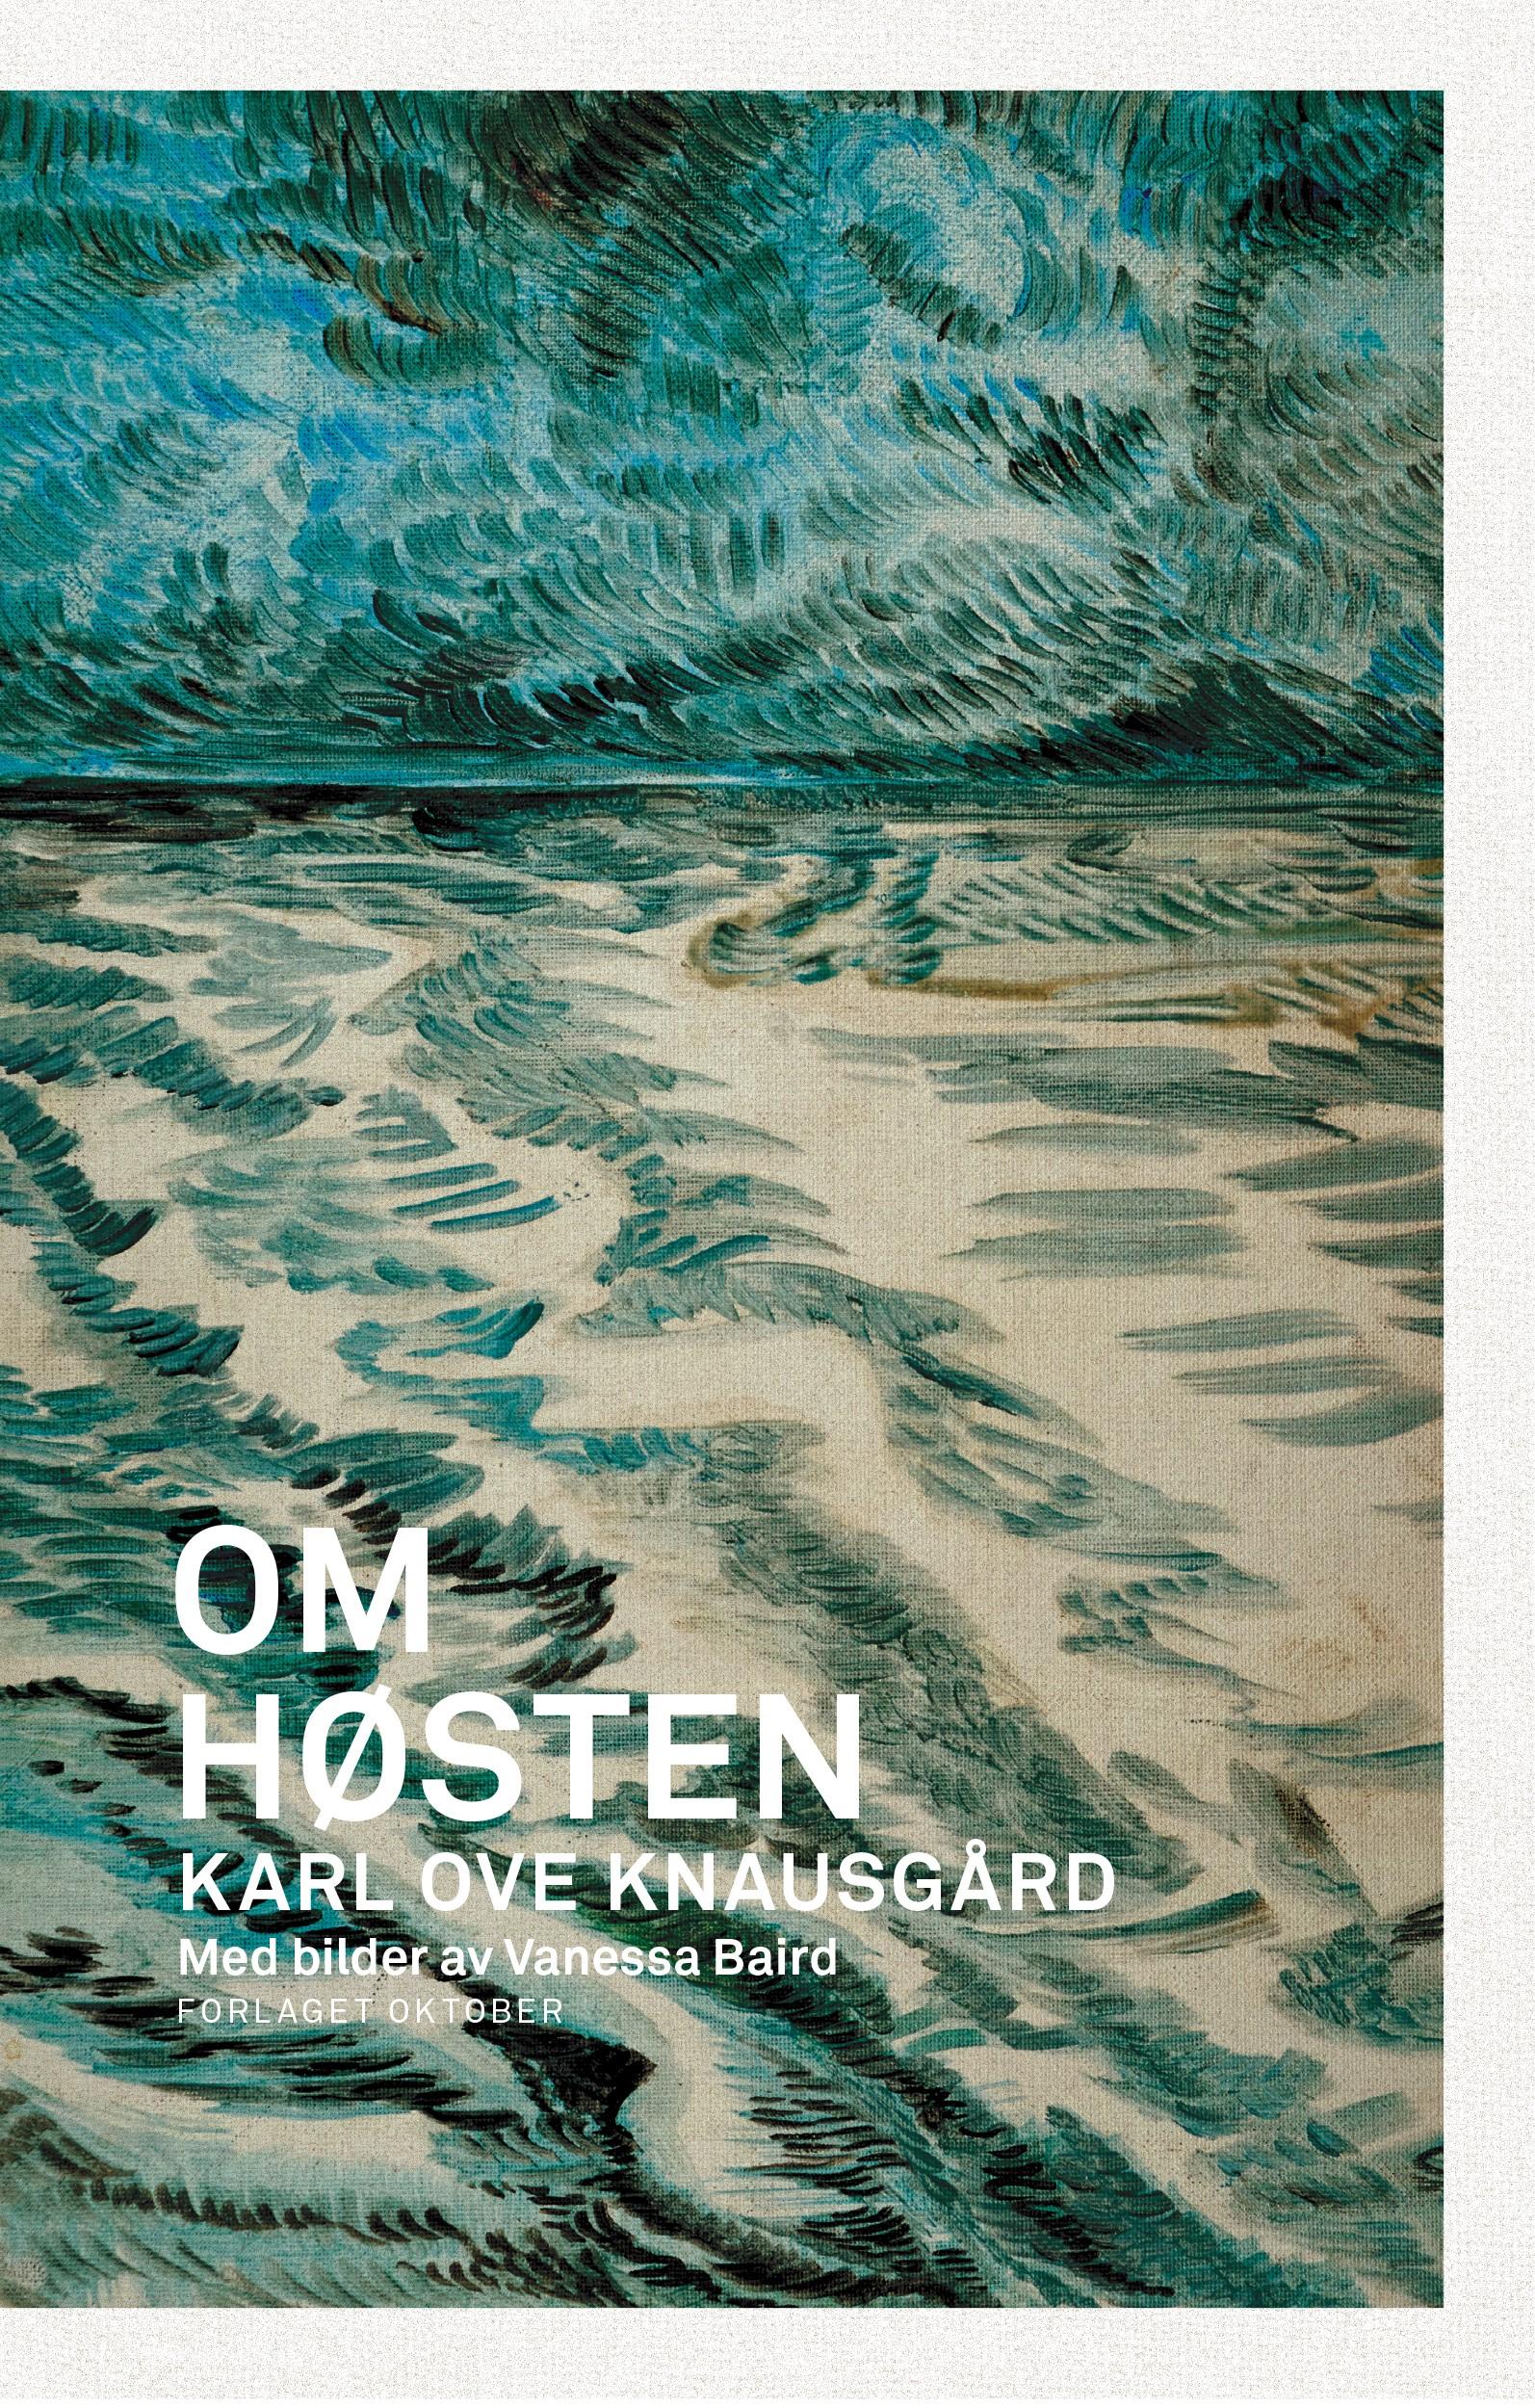 Karl Ove Knausgård, Om høsten (Forlaget Oktober, 2015).